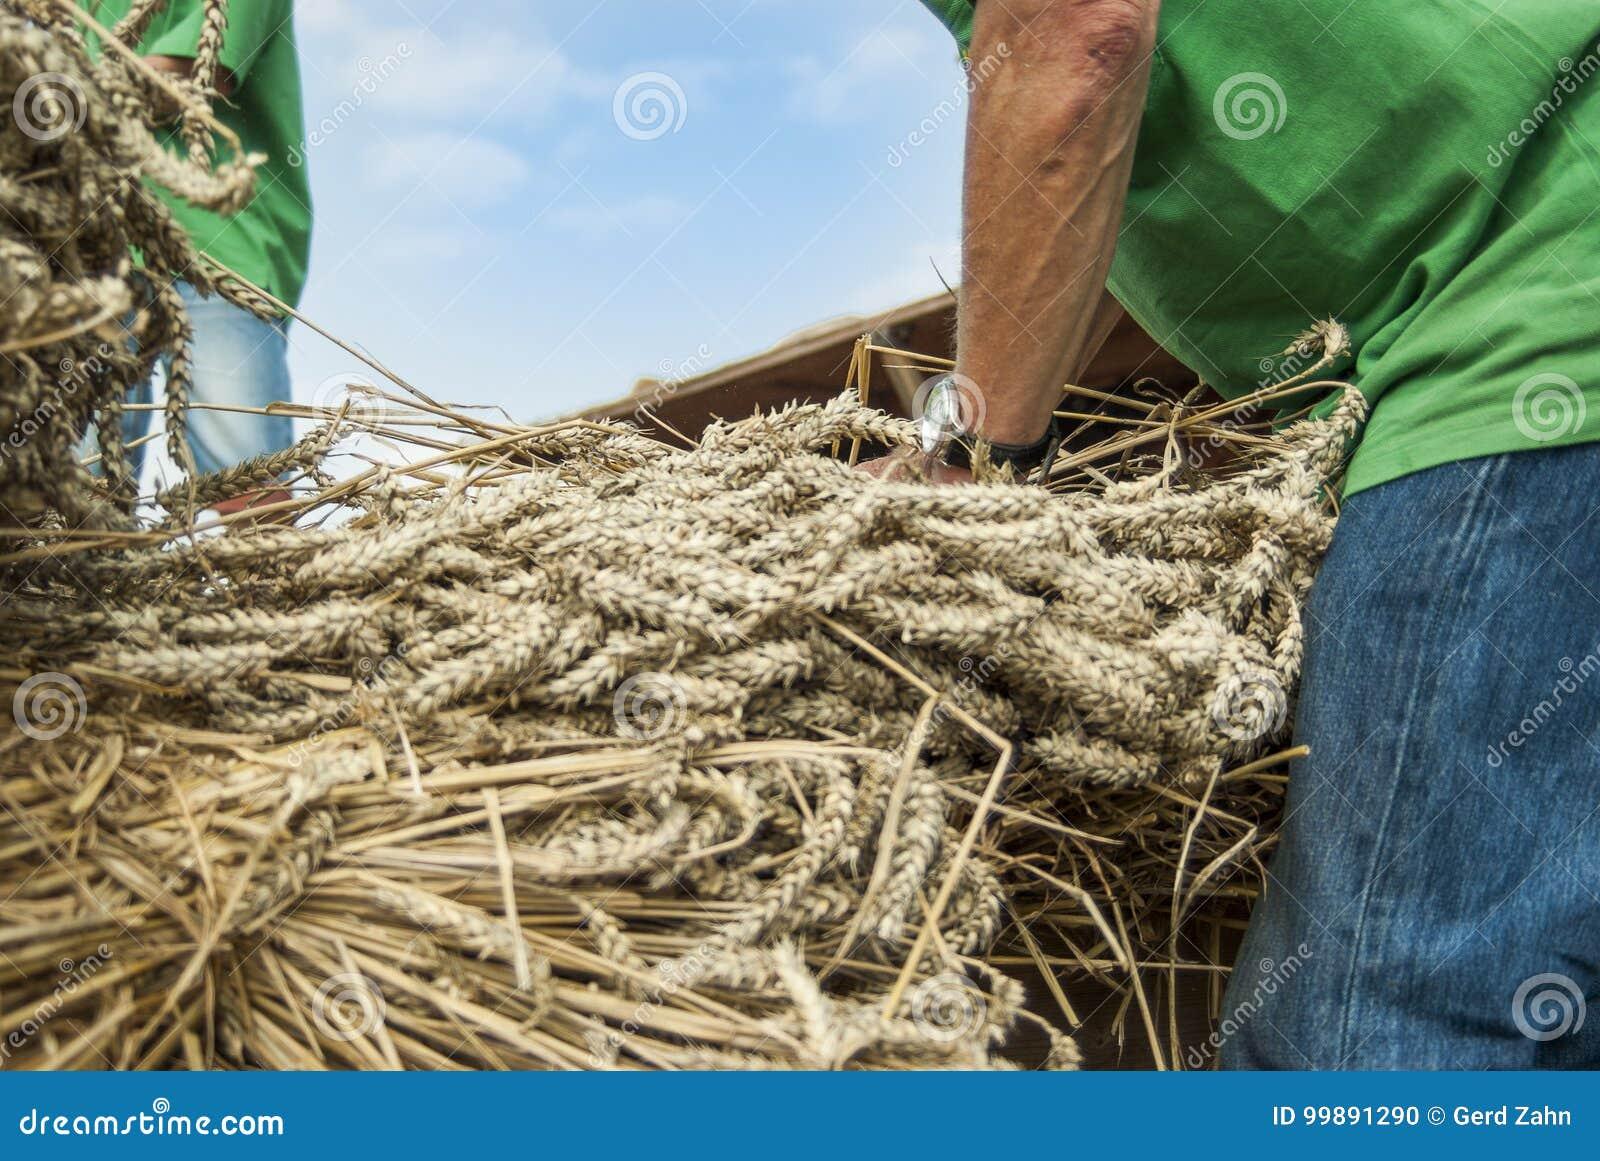 Fermez-vous du blé fauché donné par des personnes au battage dans une batteuse historique